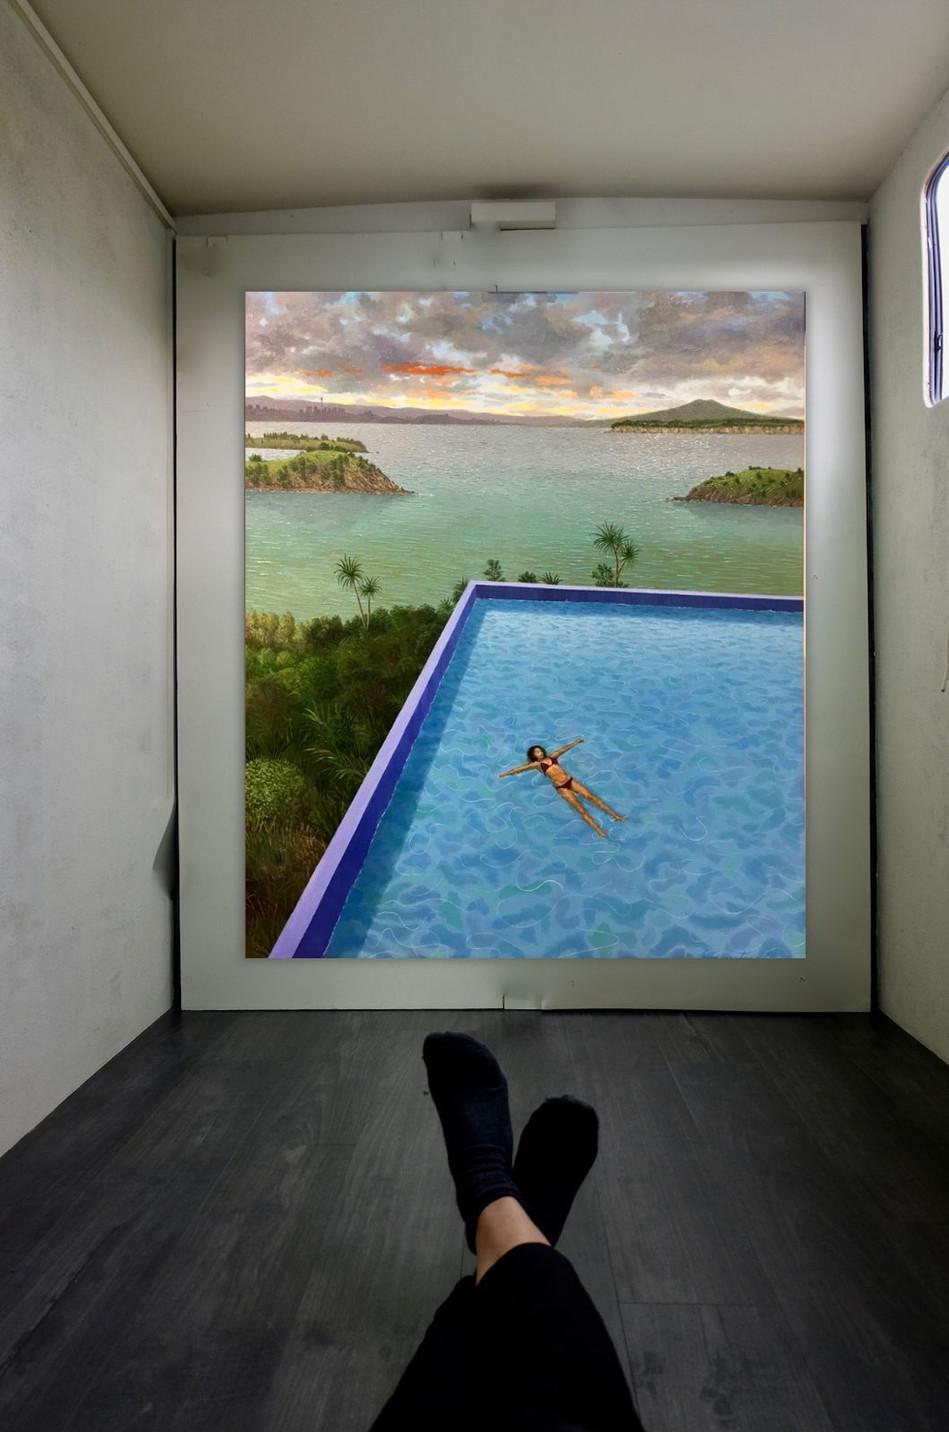 Justin Summerton - Pool Matiatia (Waiheke) (2018) - Acryl on canvas (91 x 76cm) - Courtesy of Warwick Henderson Gallery.